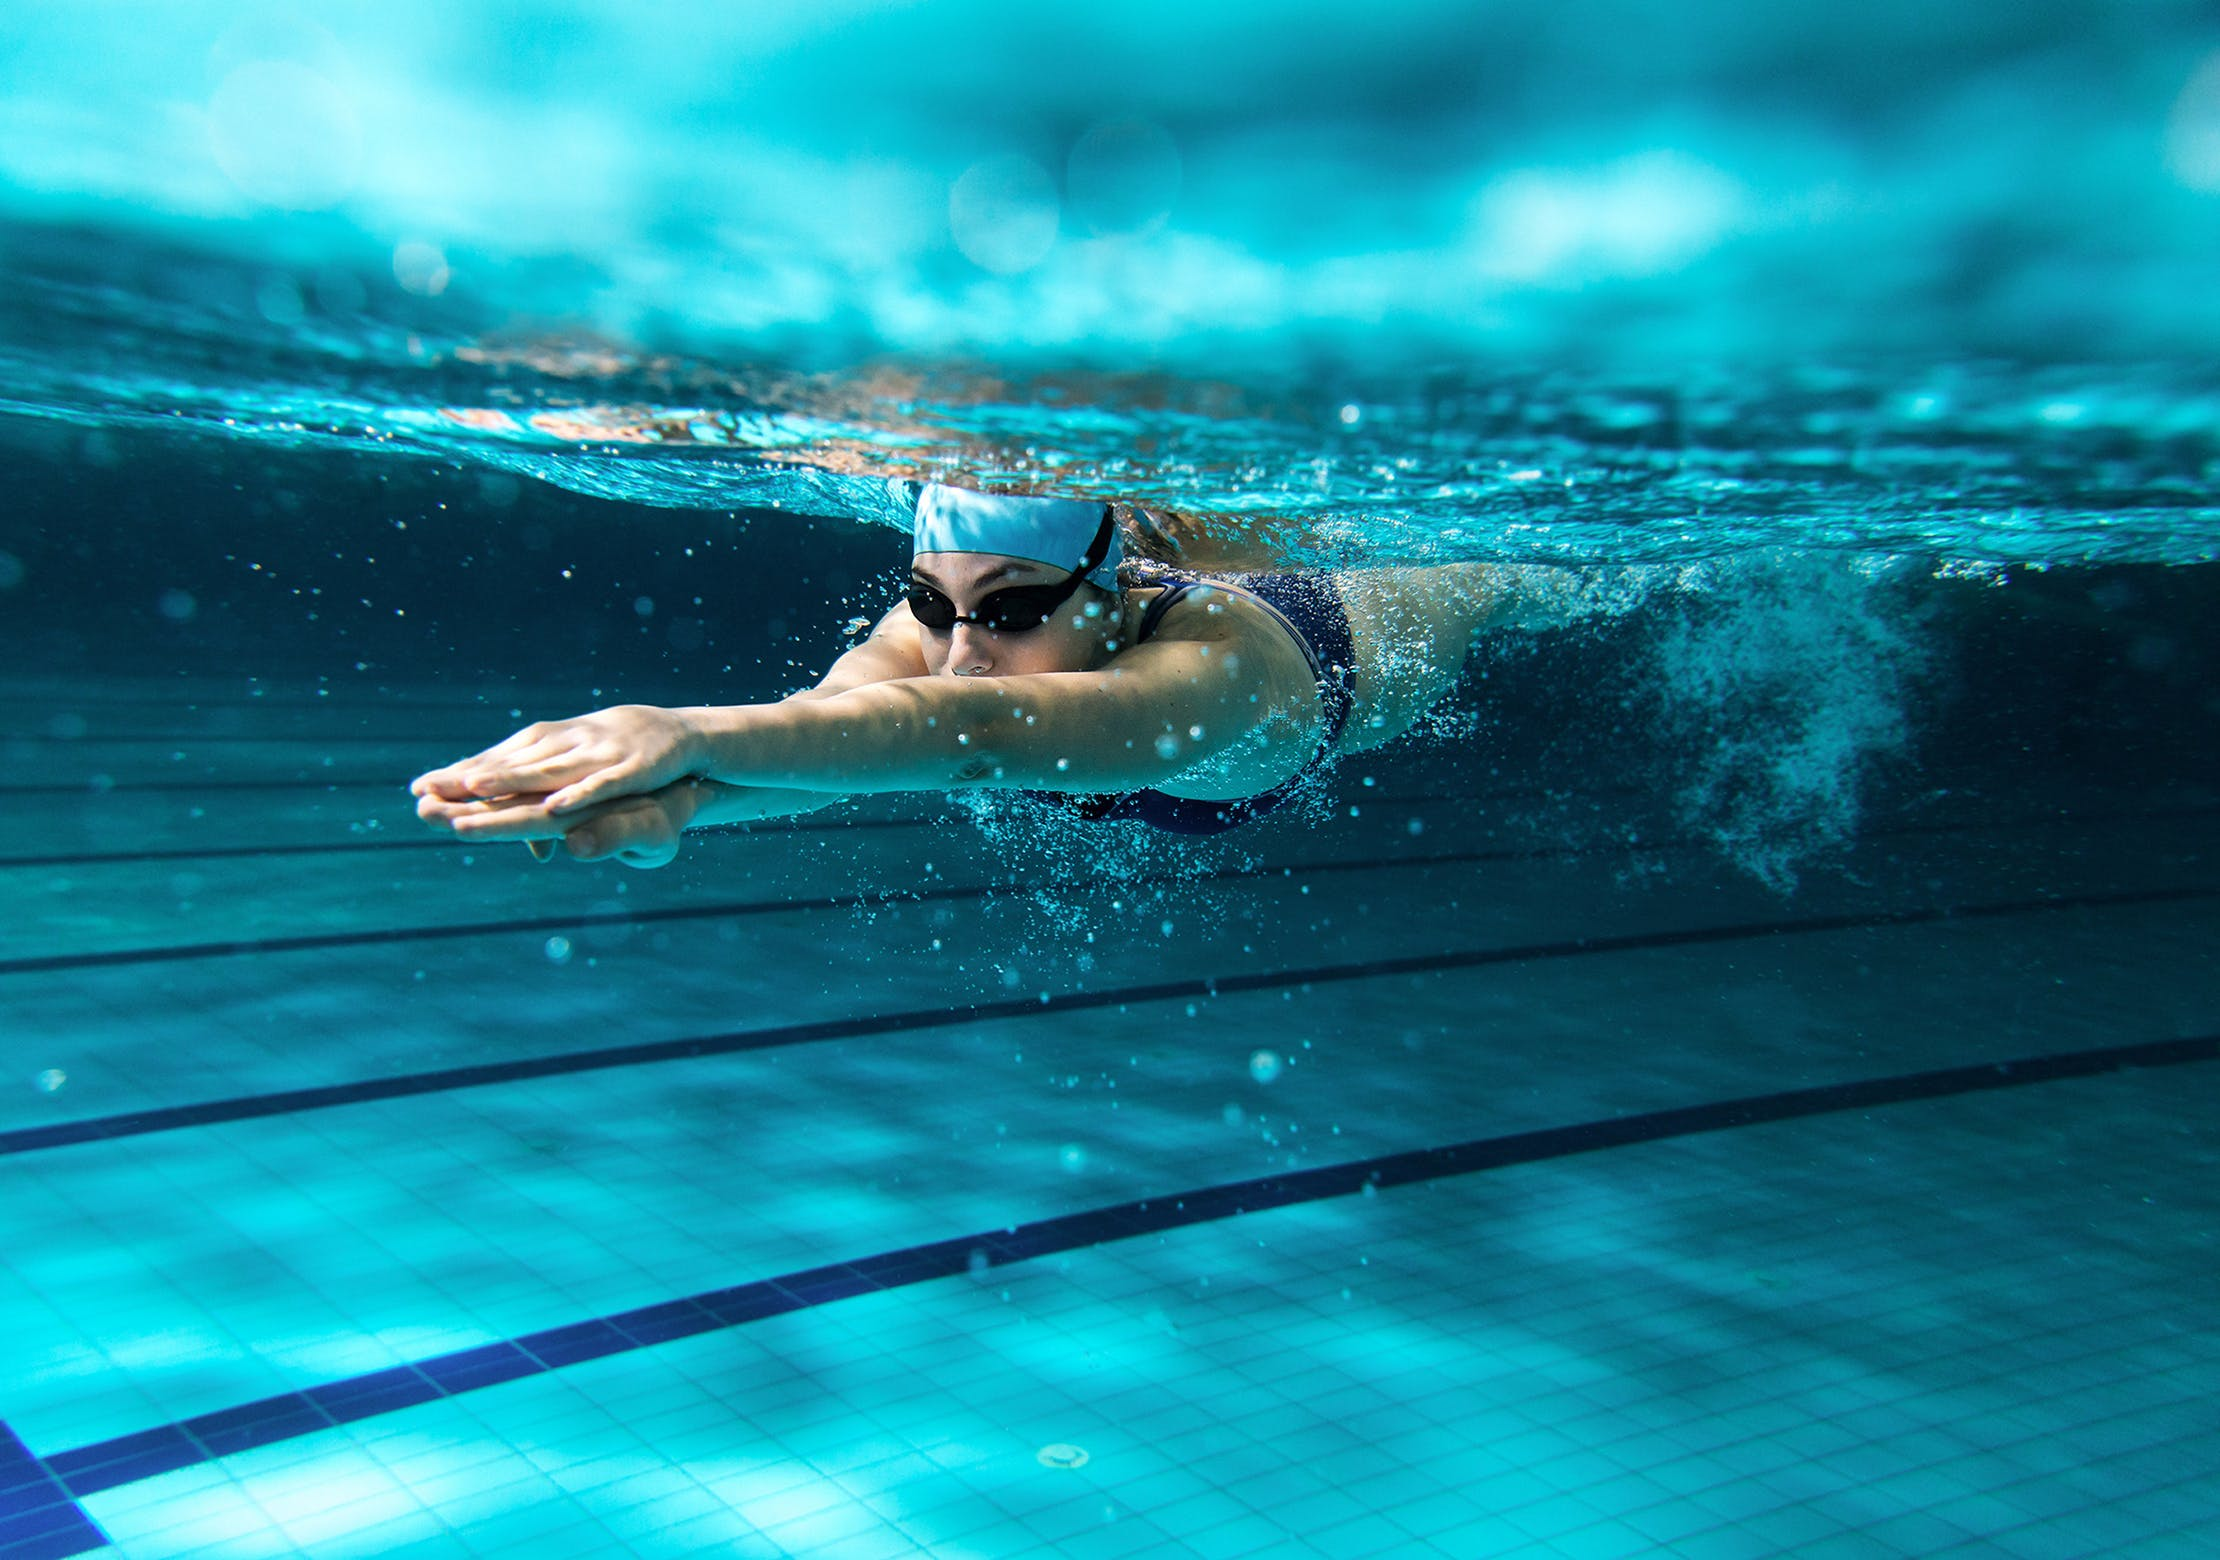 Natation style 2 - cours natation cepsum